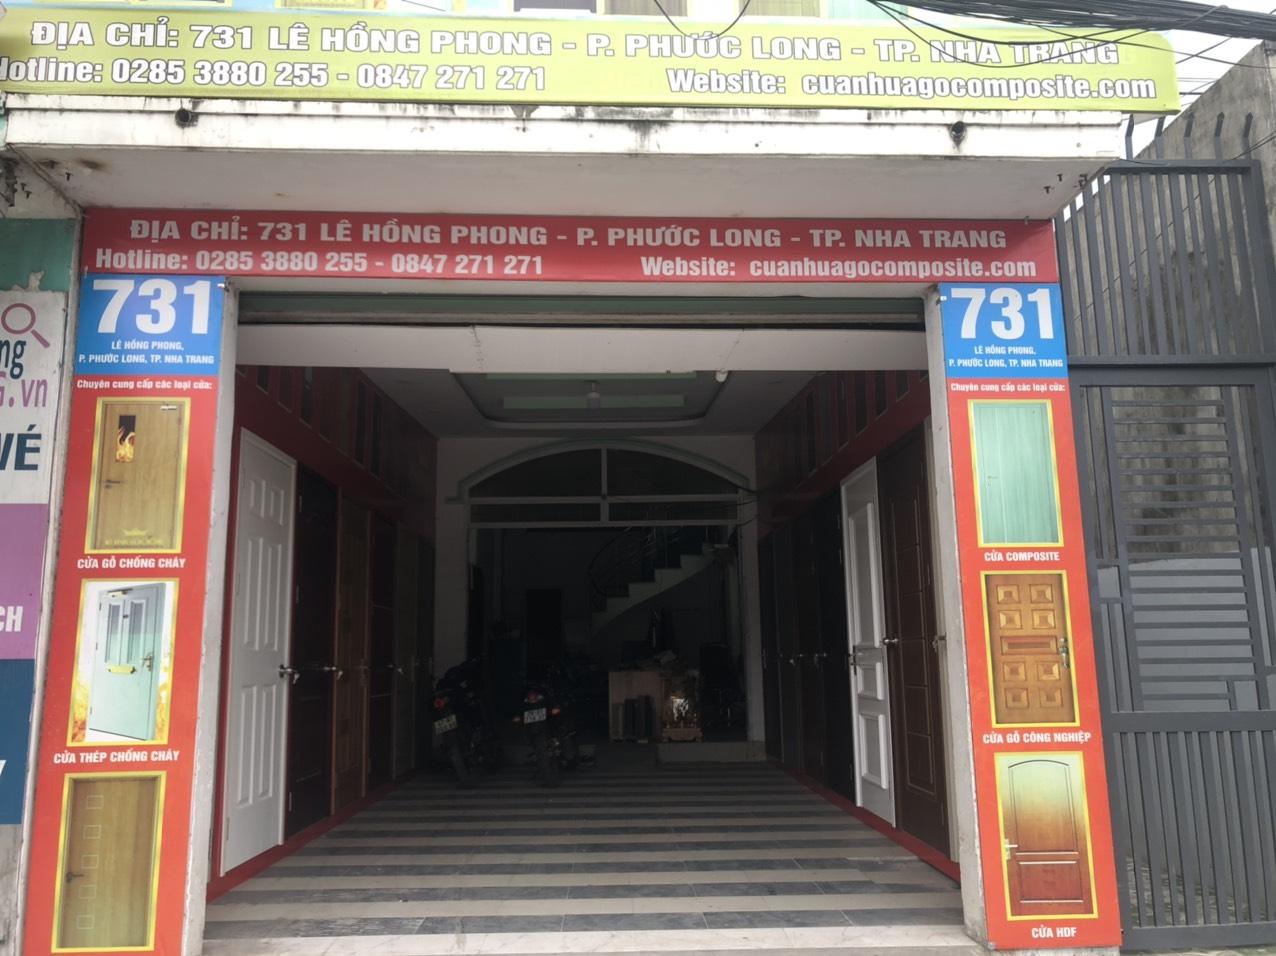 Cửa nhựa gỗ Composite tại Nha Trang - Khánh Hòa